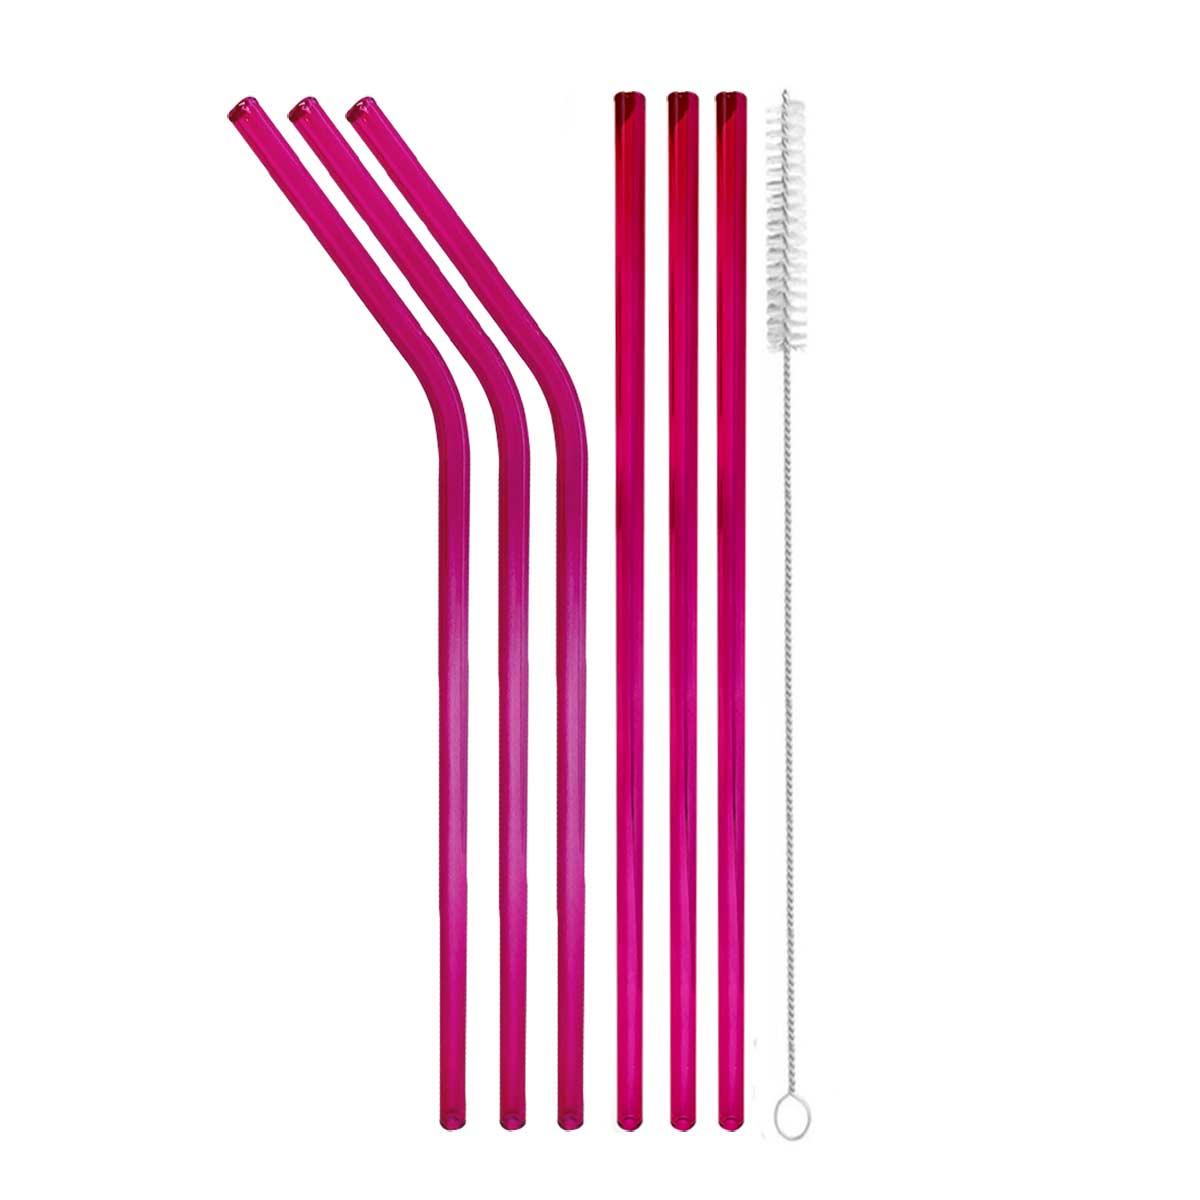 Kit Garrafa de Silicone Retrátil + Kit Canudos de Vidro Coloridos + Bolsa